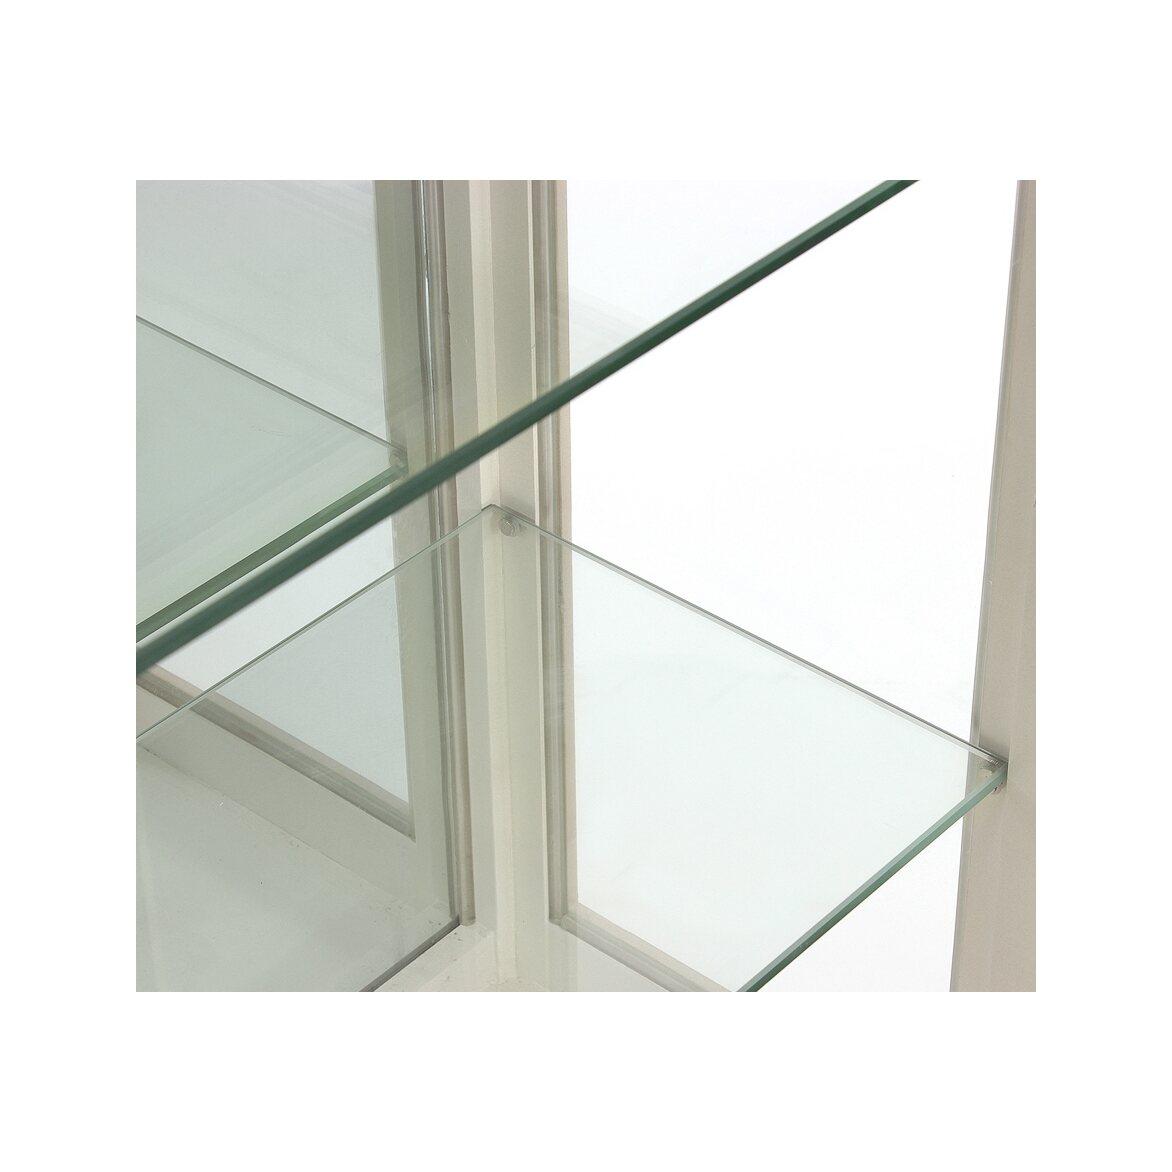 Стеклянная витрина (двойная) Leontina, бежевого цвета 5 | Витрины Kingsby